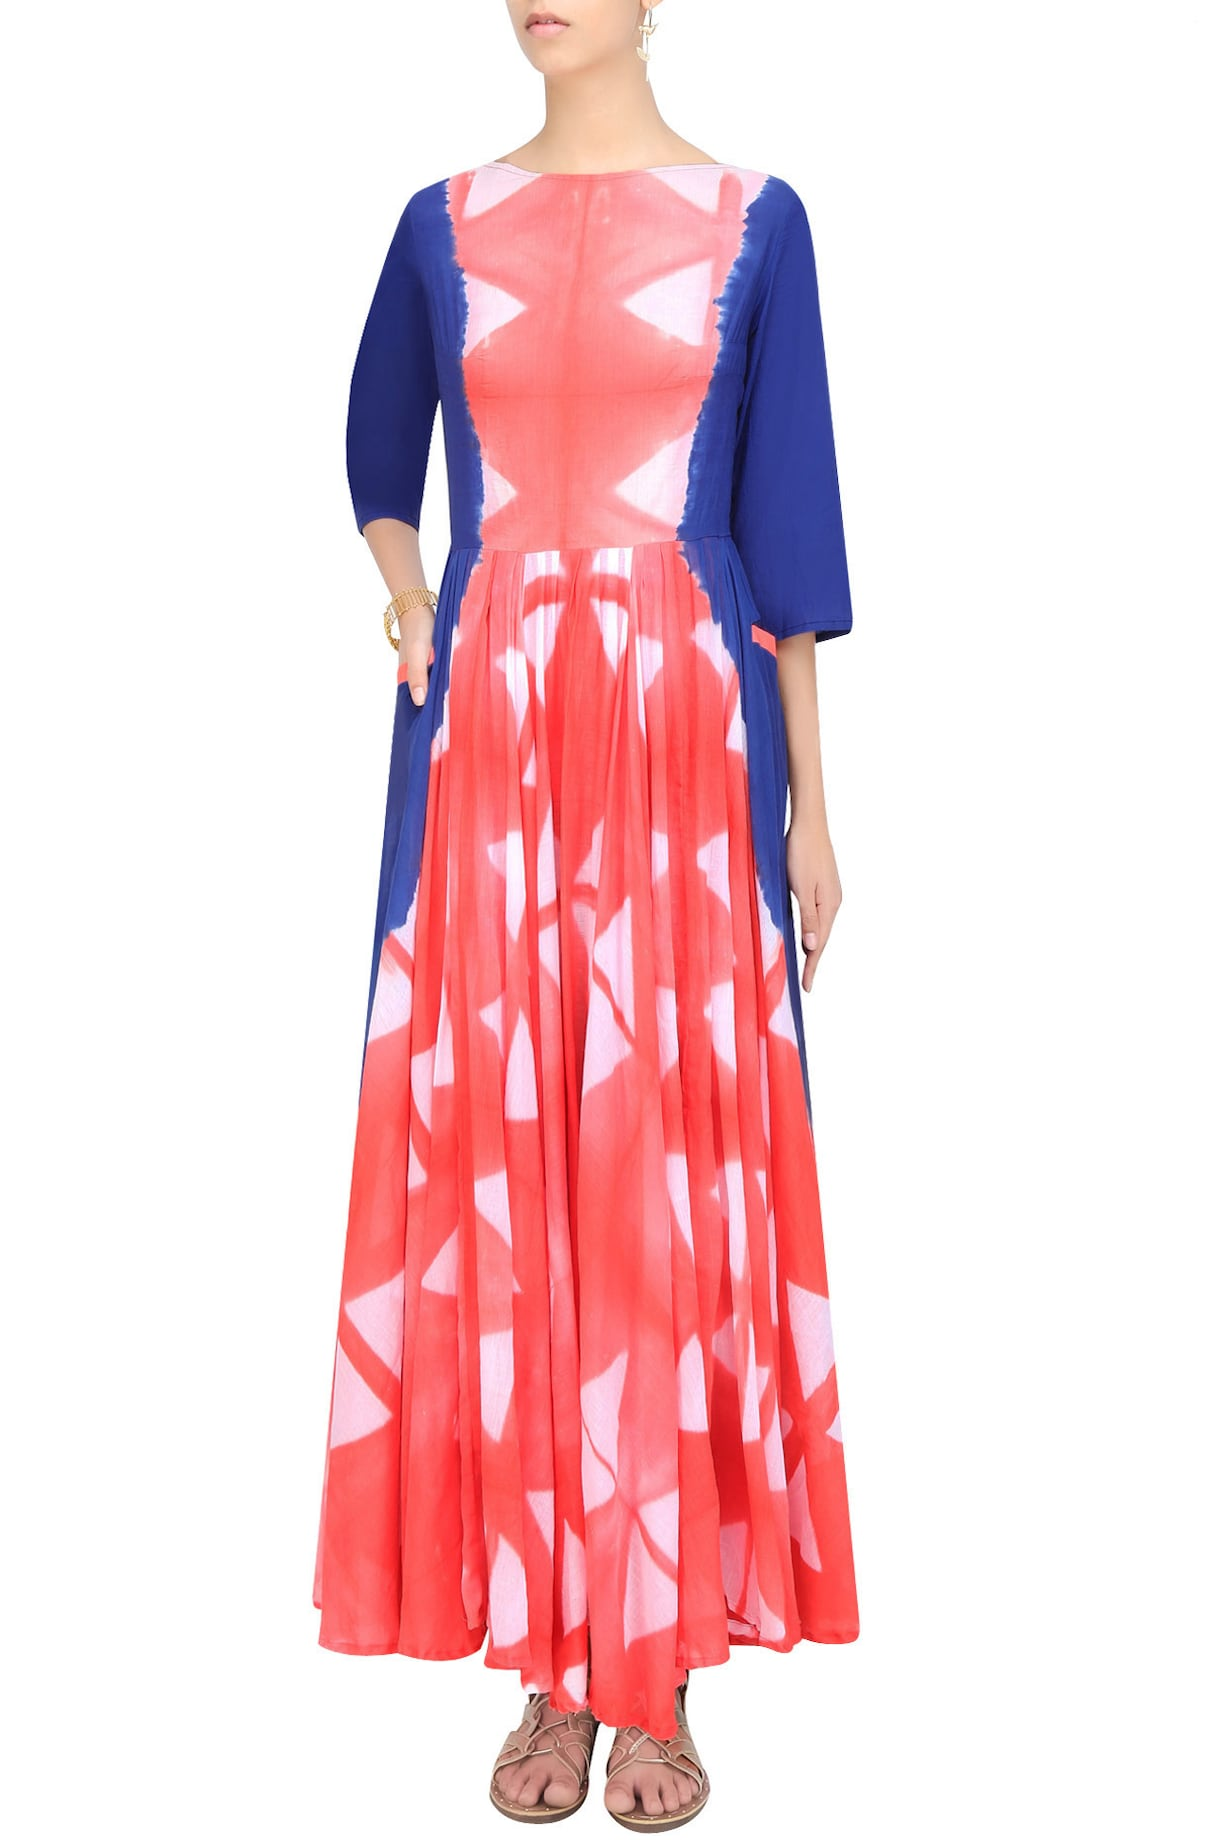 Ka-Sha Dresses